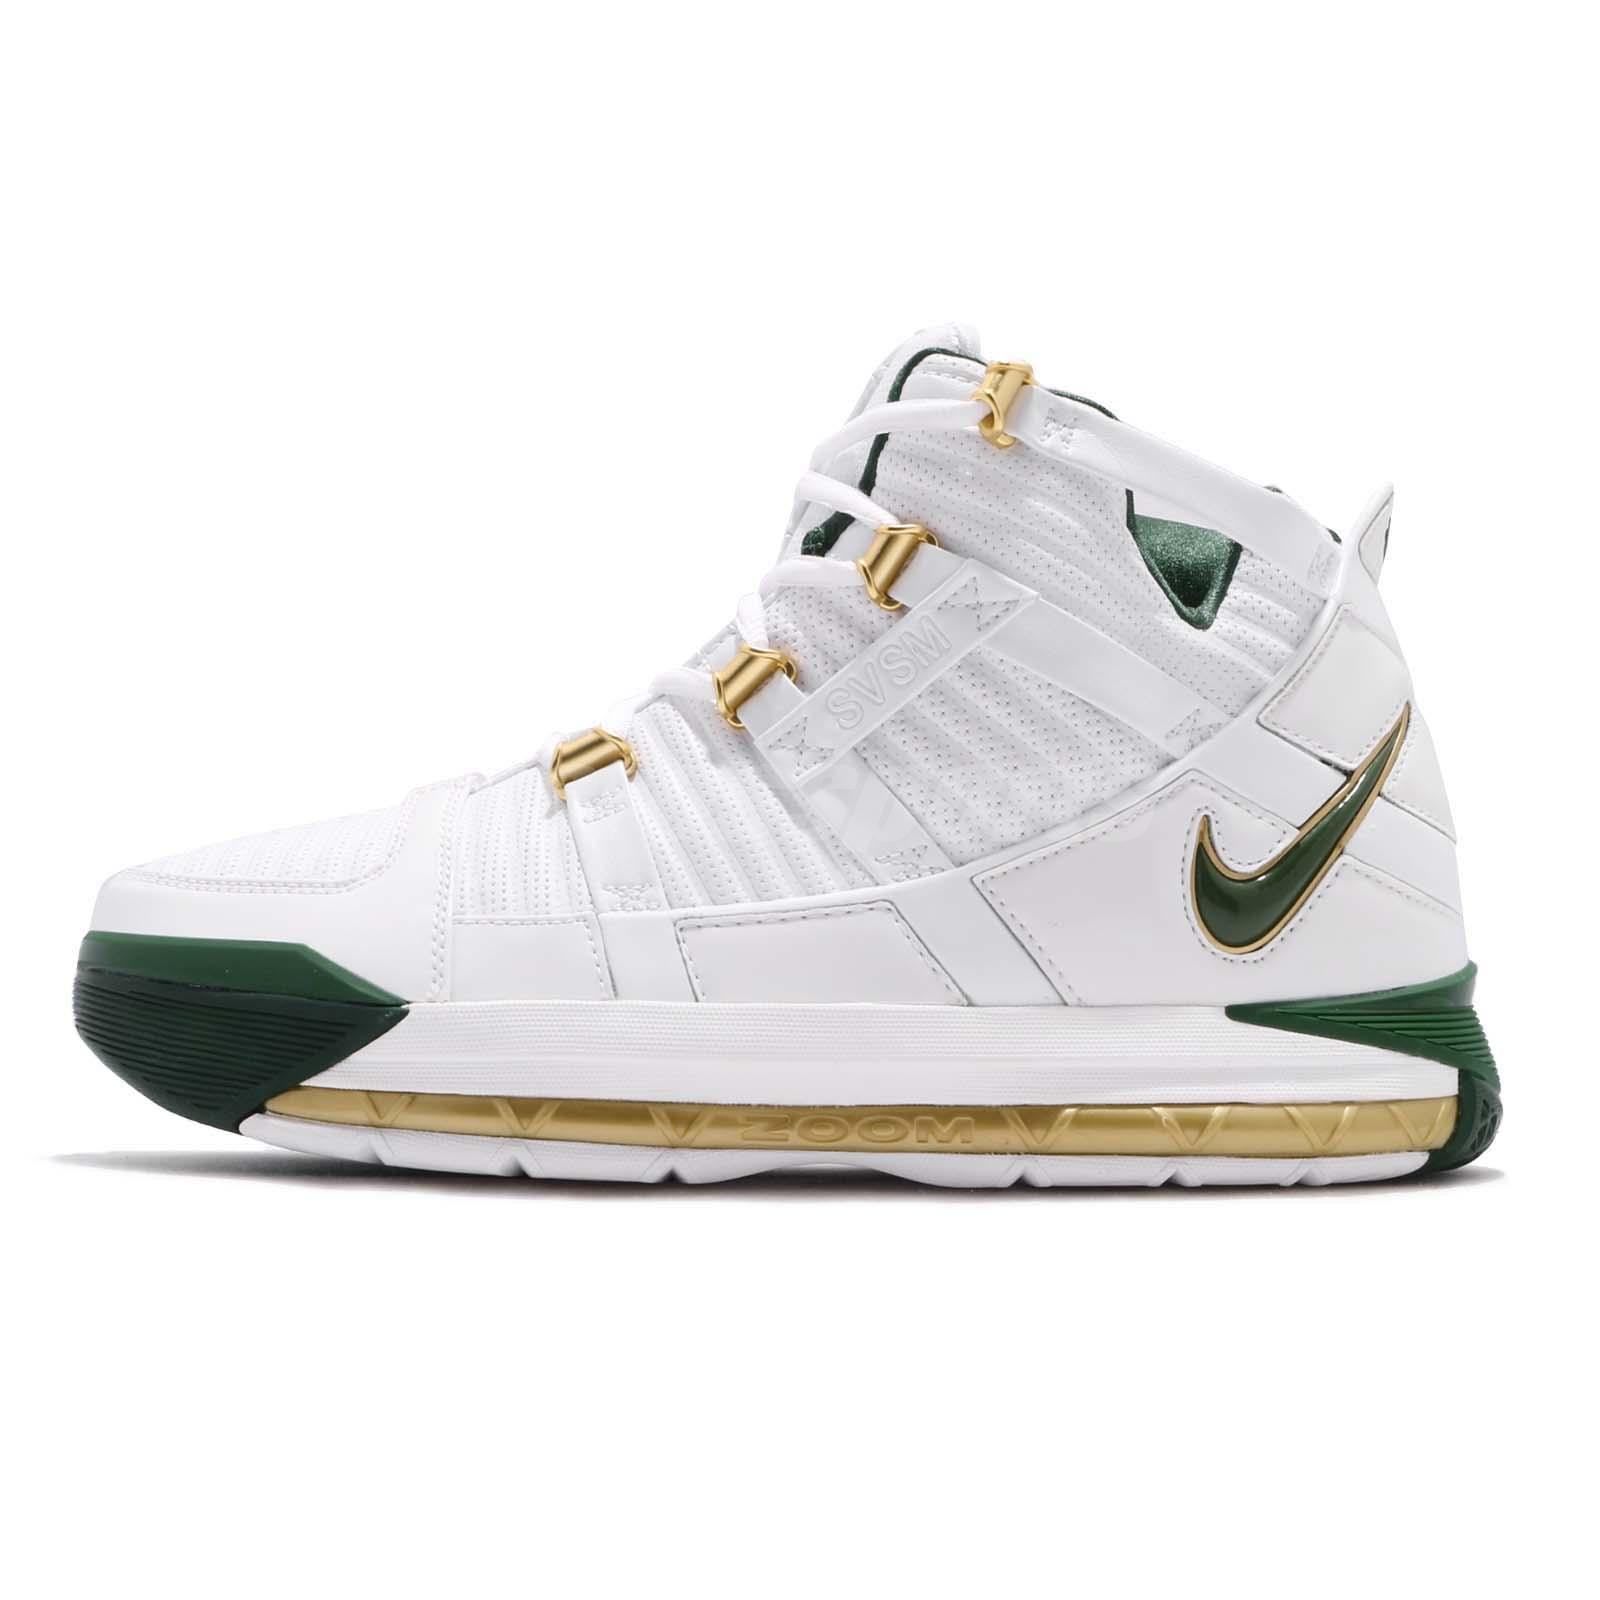 f9691bbdd63b Nike Zoom Lebron III QS SVSM Home White Green Men Basketball Shoes  AO2434-102